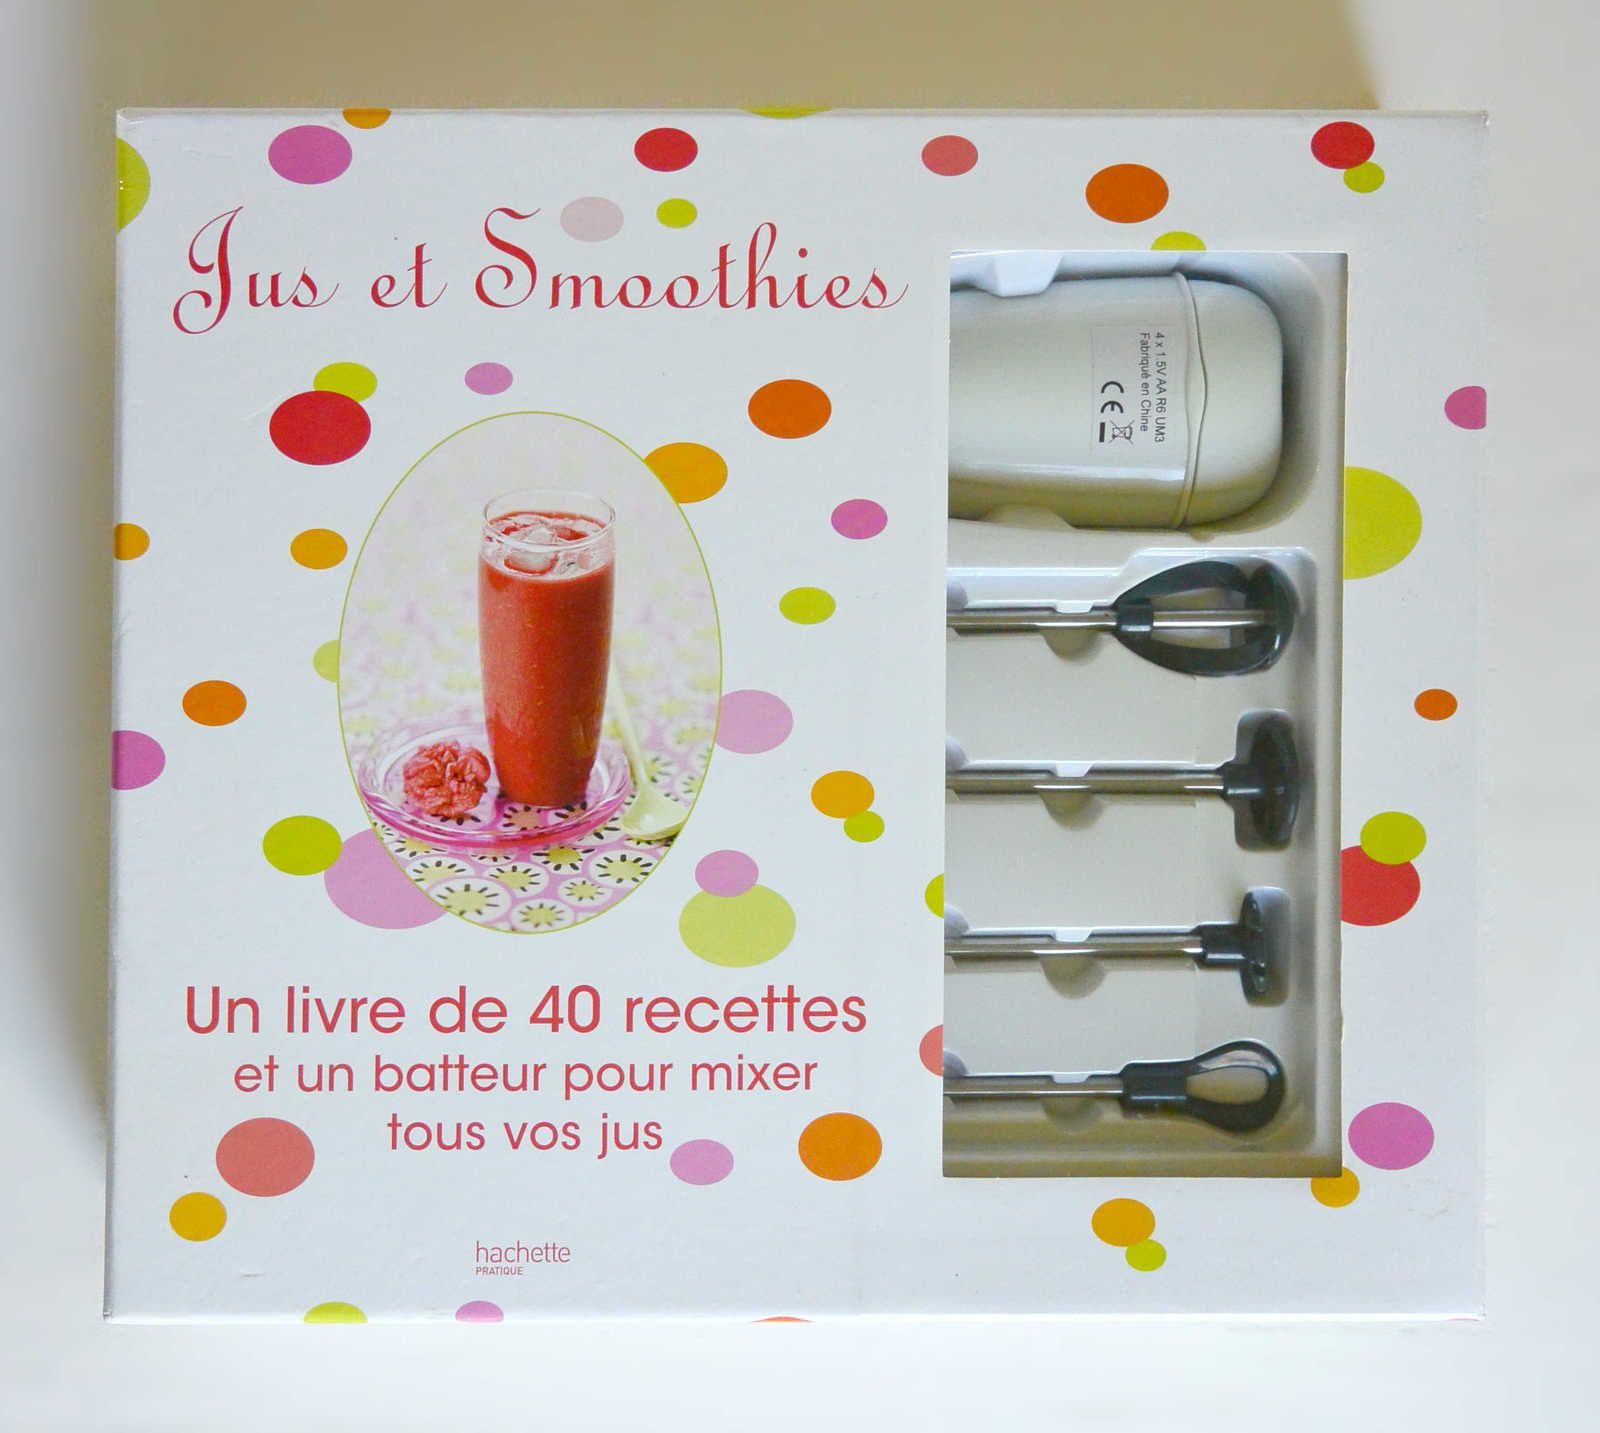 Coffret Jus et Smoothies: 40 recettes + 1 mixer, ed. Hachette neuf